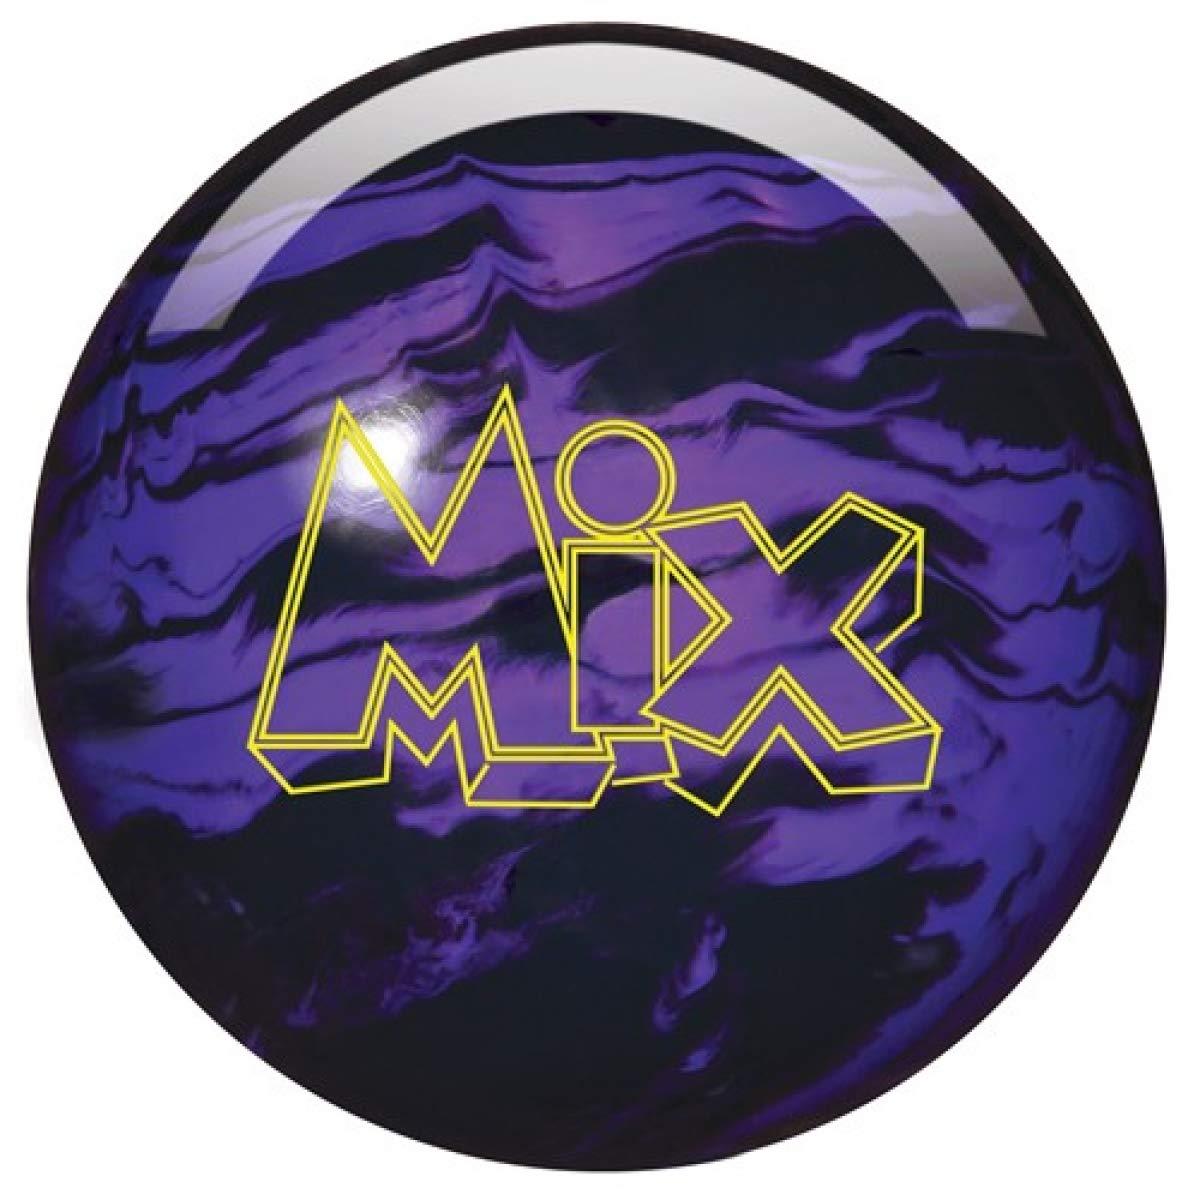 Storm Mix Bowling Ball Polyester Bowlingkugel fü r Einteiger und Profis in verschieden Farben und Gewichten